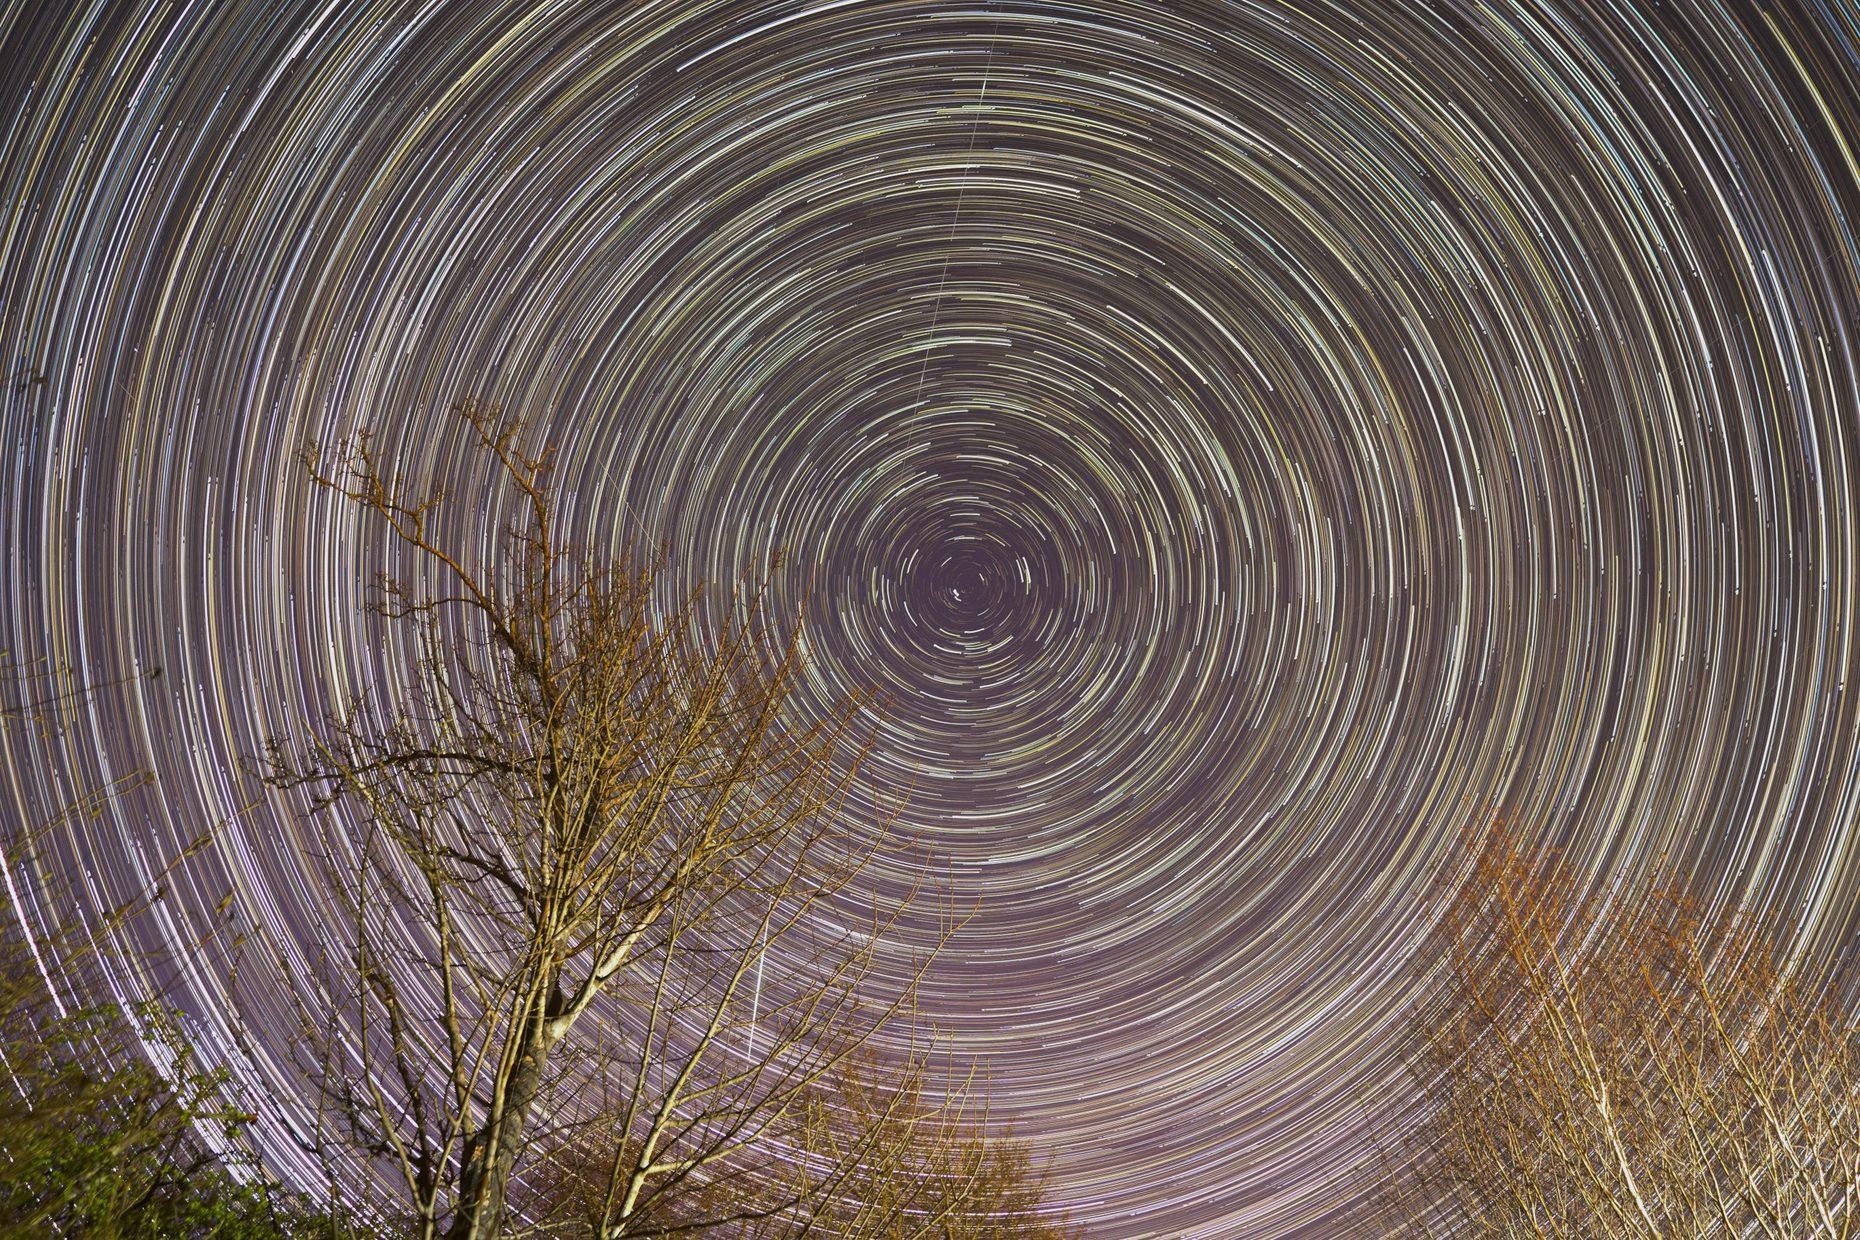 Star Trails. Aberdeenshire, Scotland